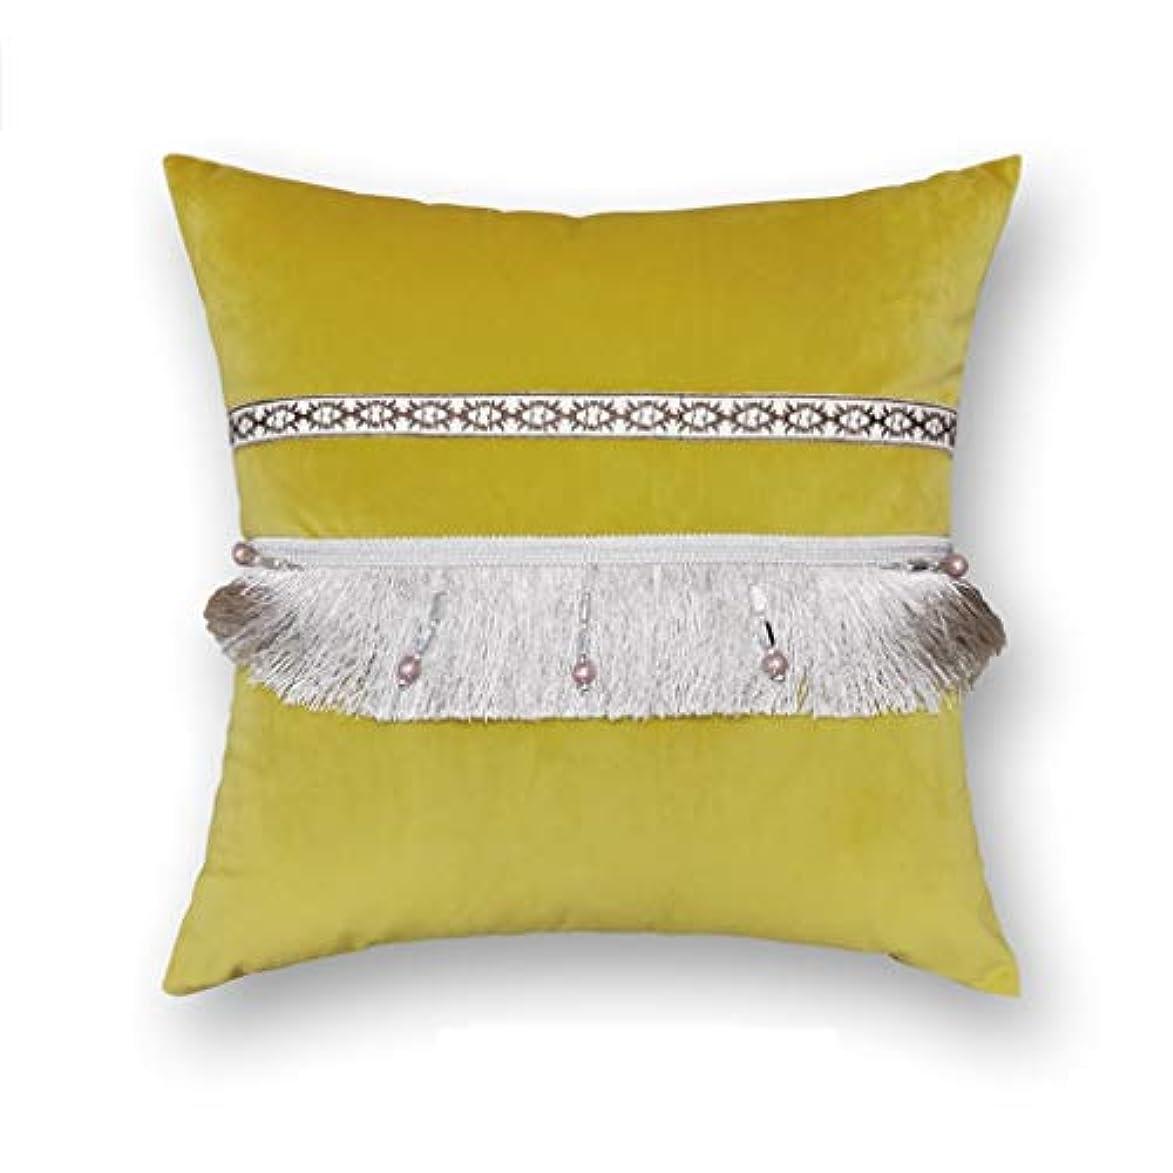 最小変化するりDYHOZZ 無地の正方形のクッション、創造的なタッセル枕ソファクッションマルチカラーオプション45 cm×45 cm まくら (色 : D)